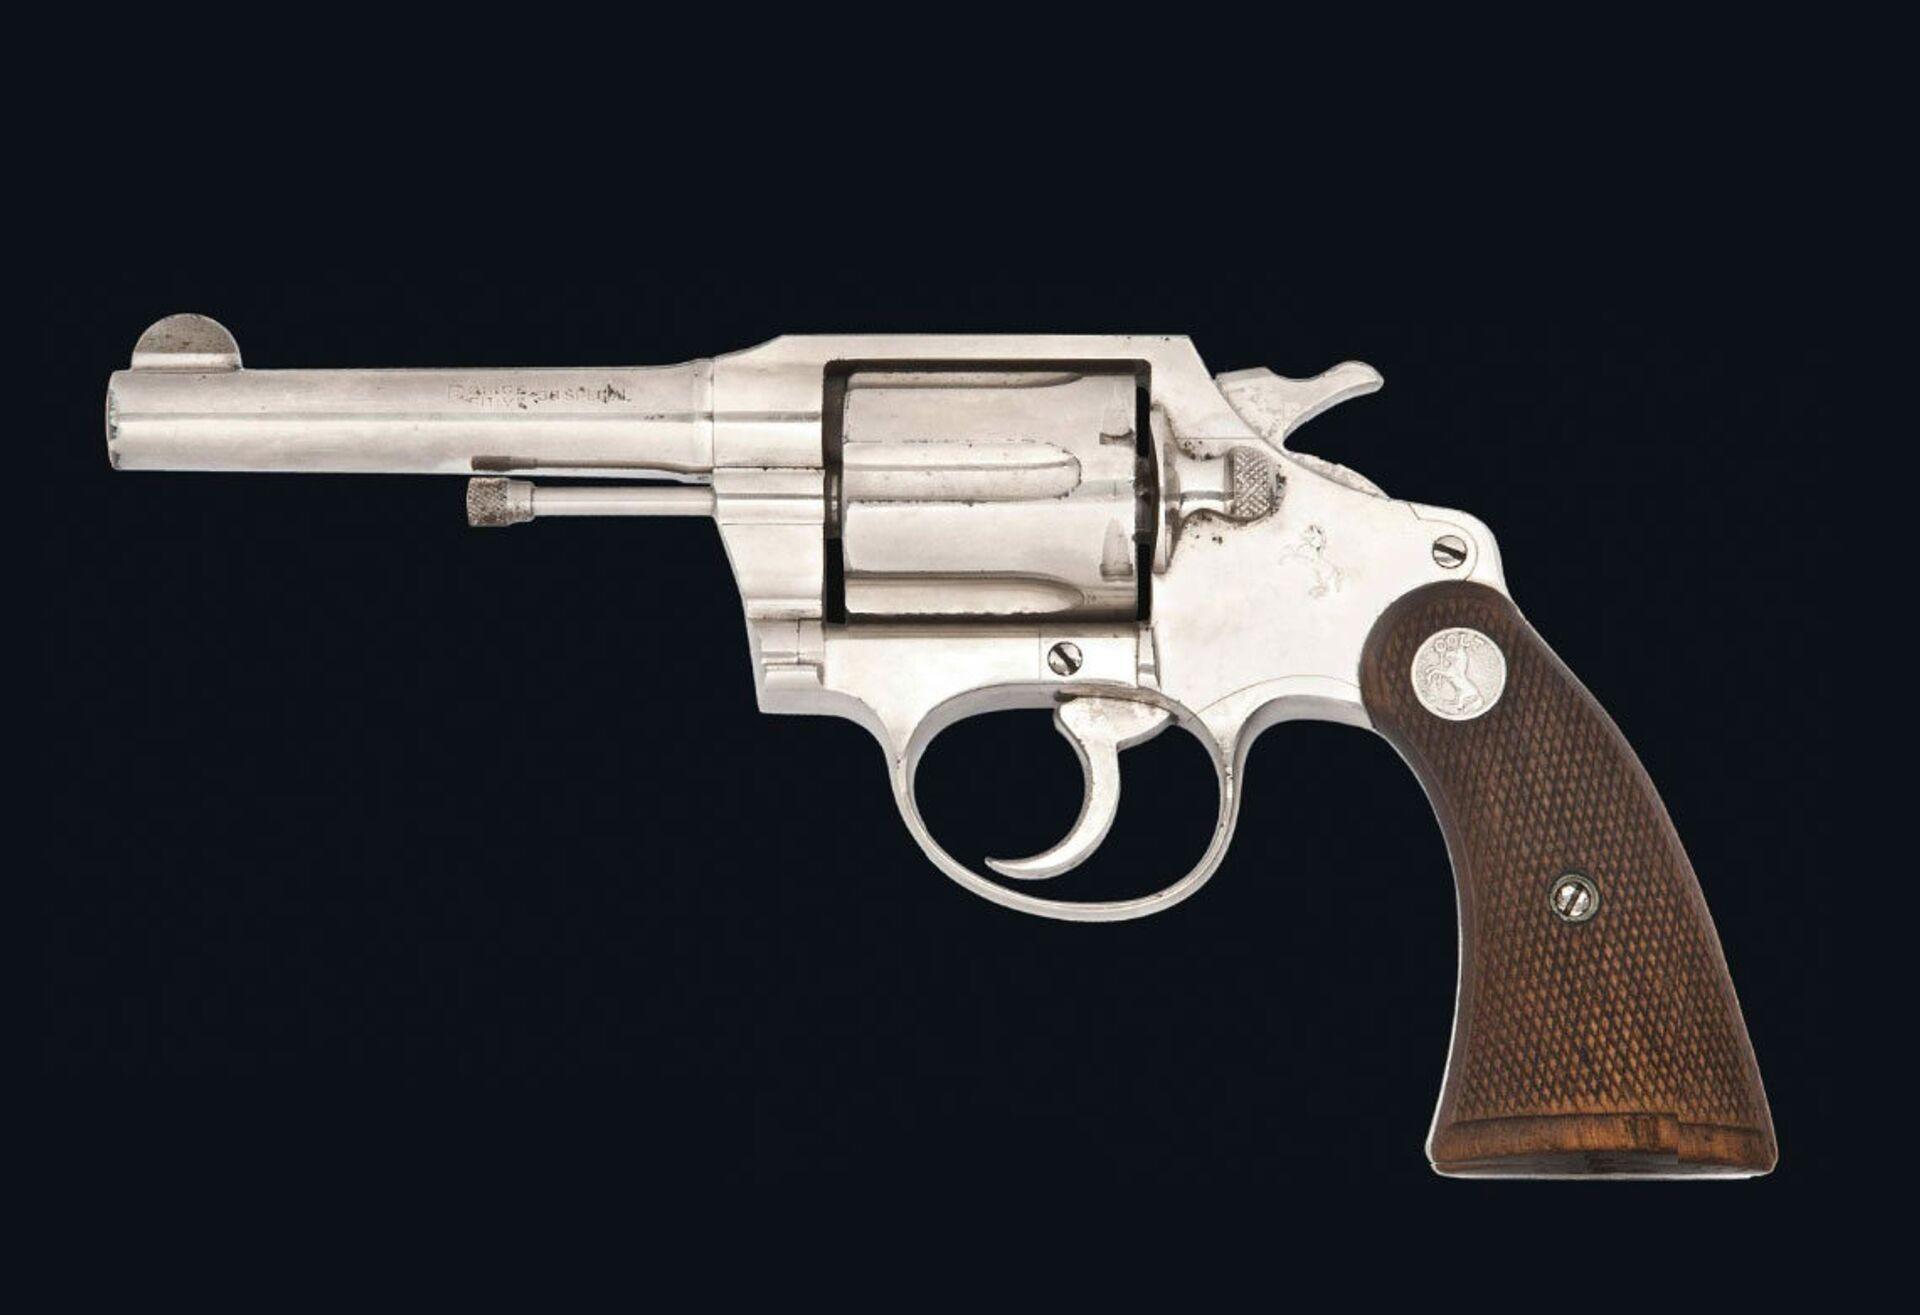 Револьвер, принадлежавший Аль Капоне - РИА Новости, 1920, 29.01.2021